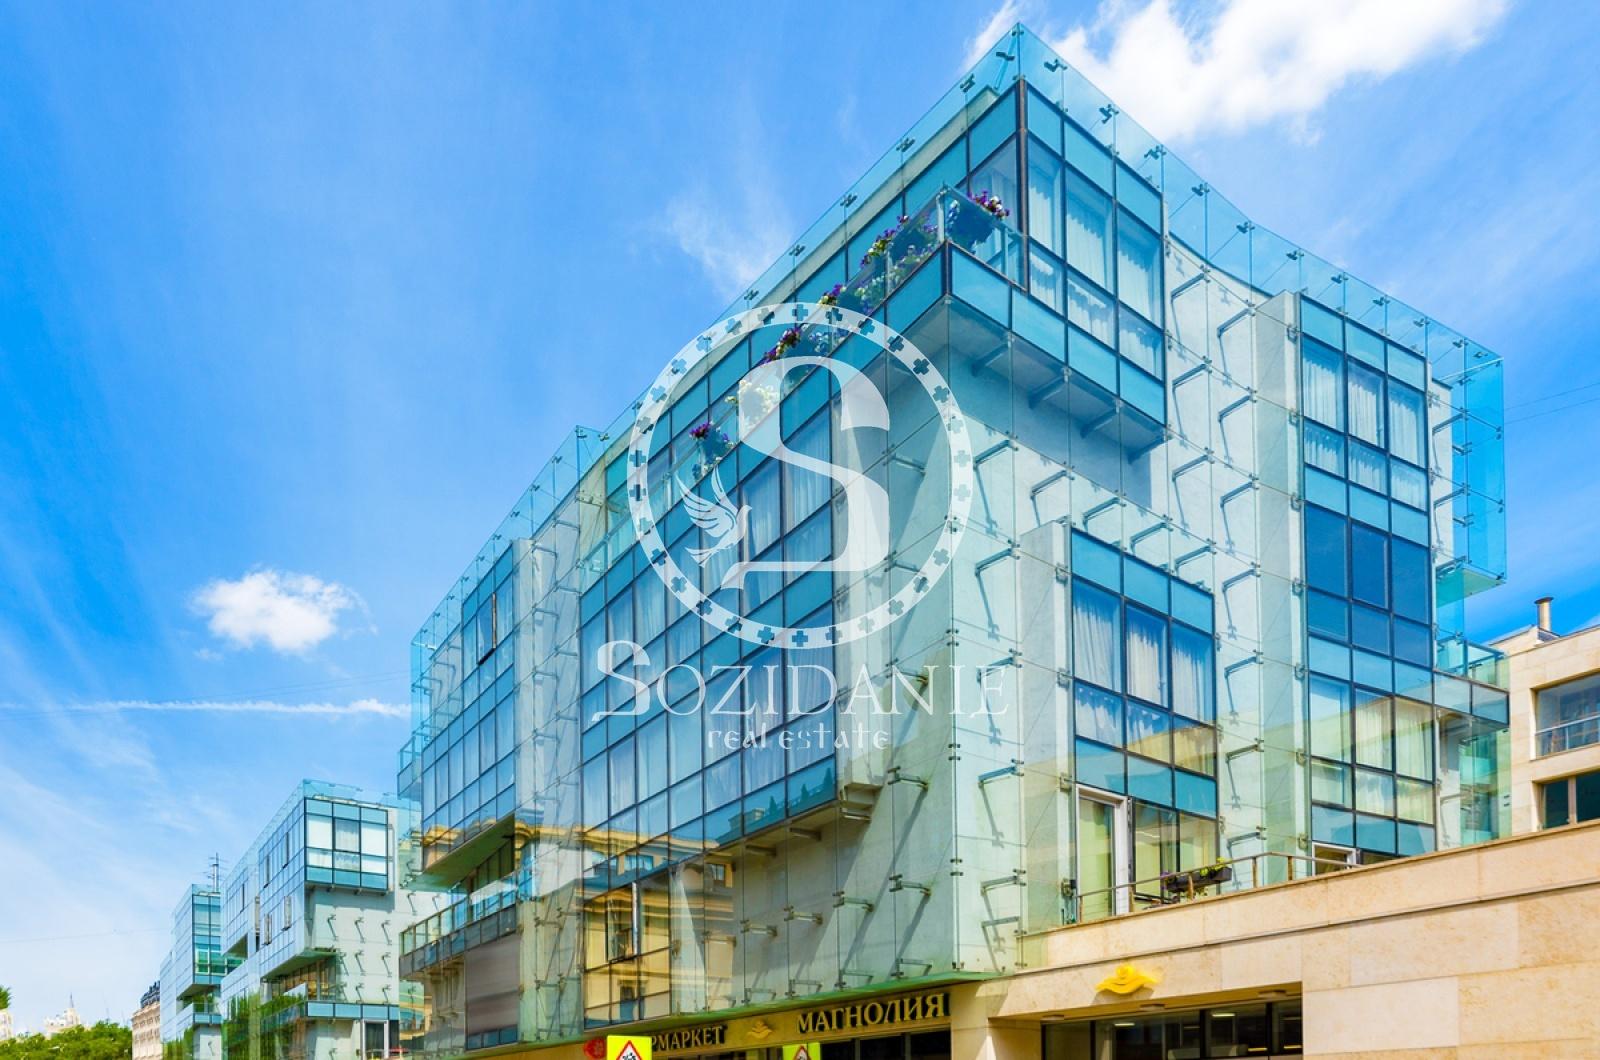 4 Комнаты, Городская, Продажа, Коробейников переулок, Listing ID 3449, Москва, Россия,